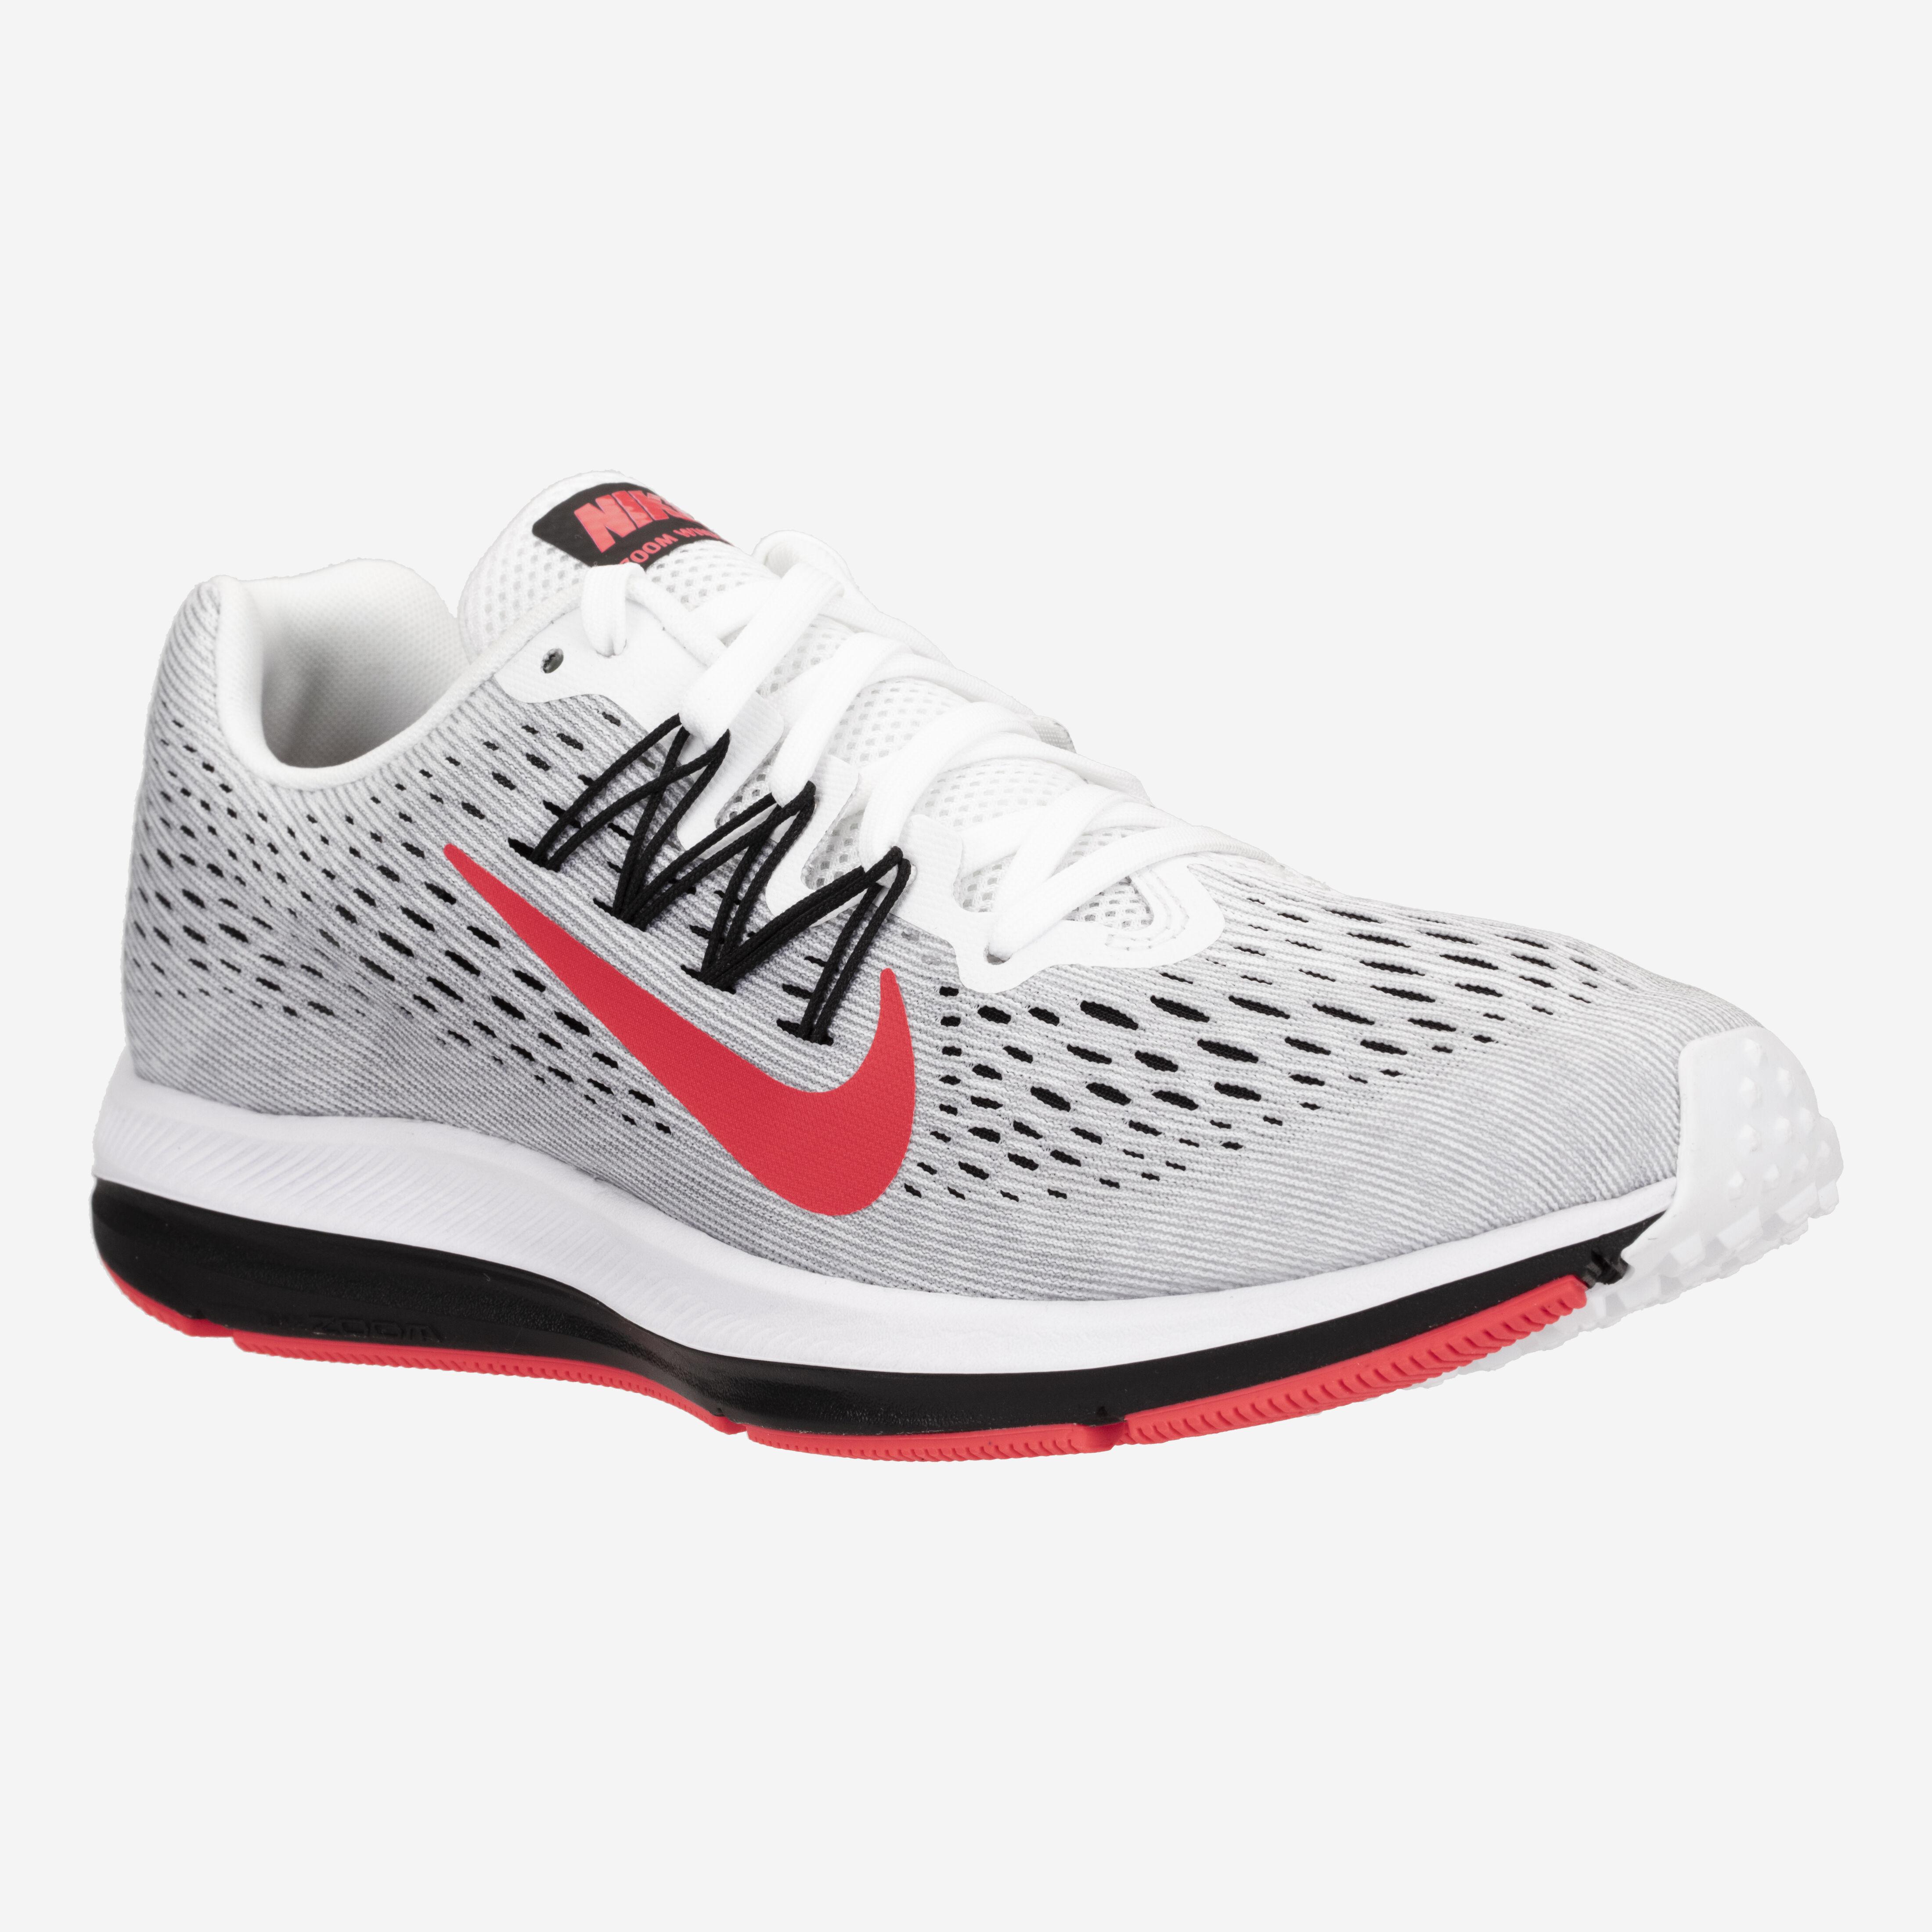 timeless design d93a0 d45e8 Nike Zoom Winflo 5